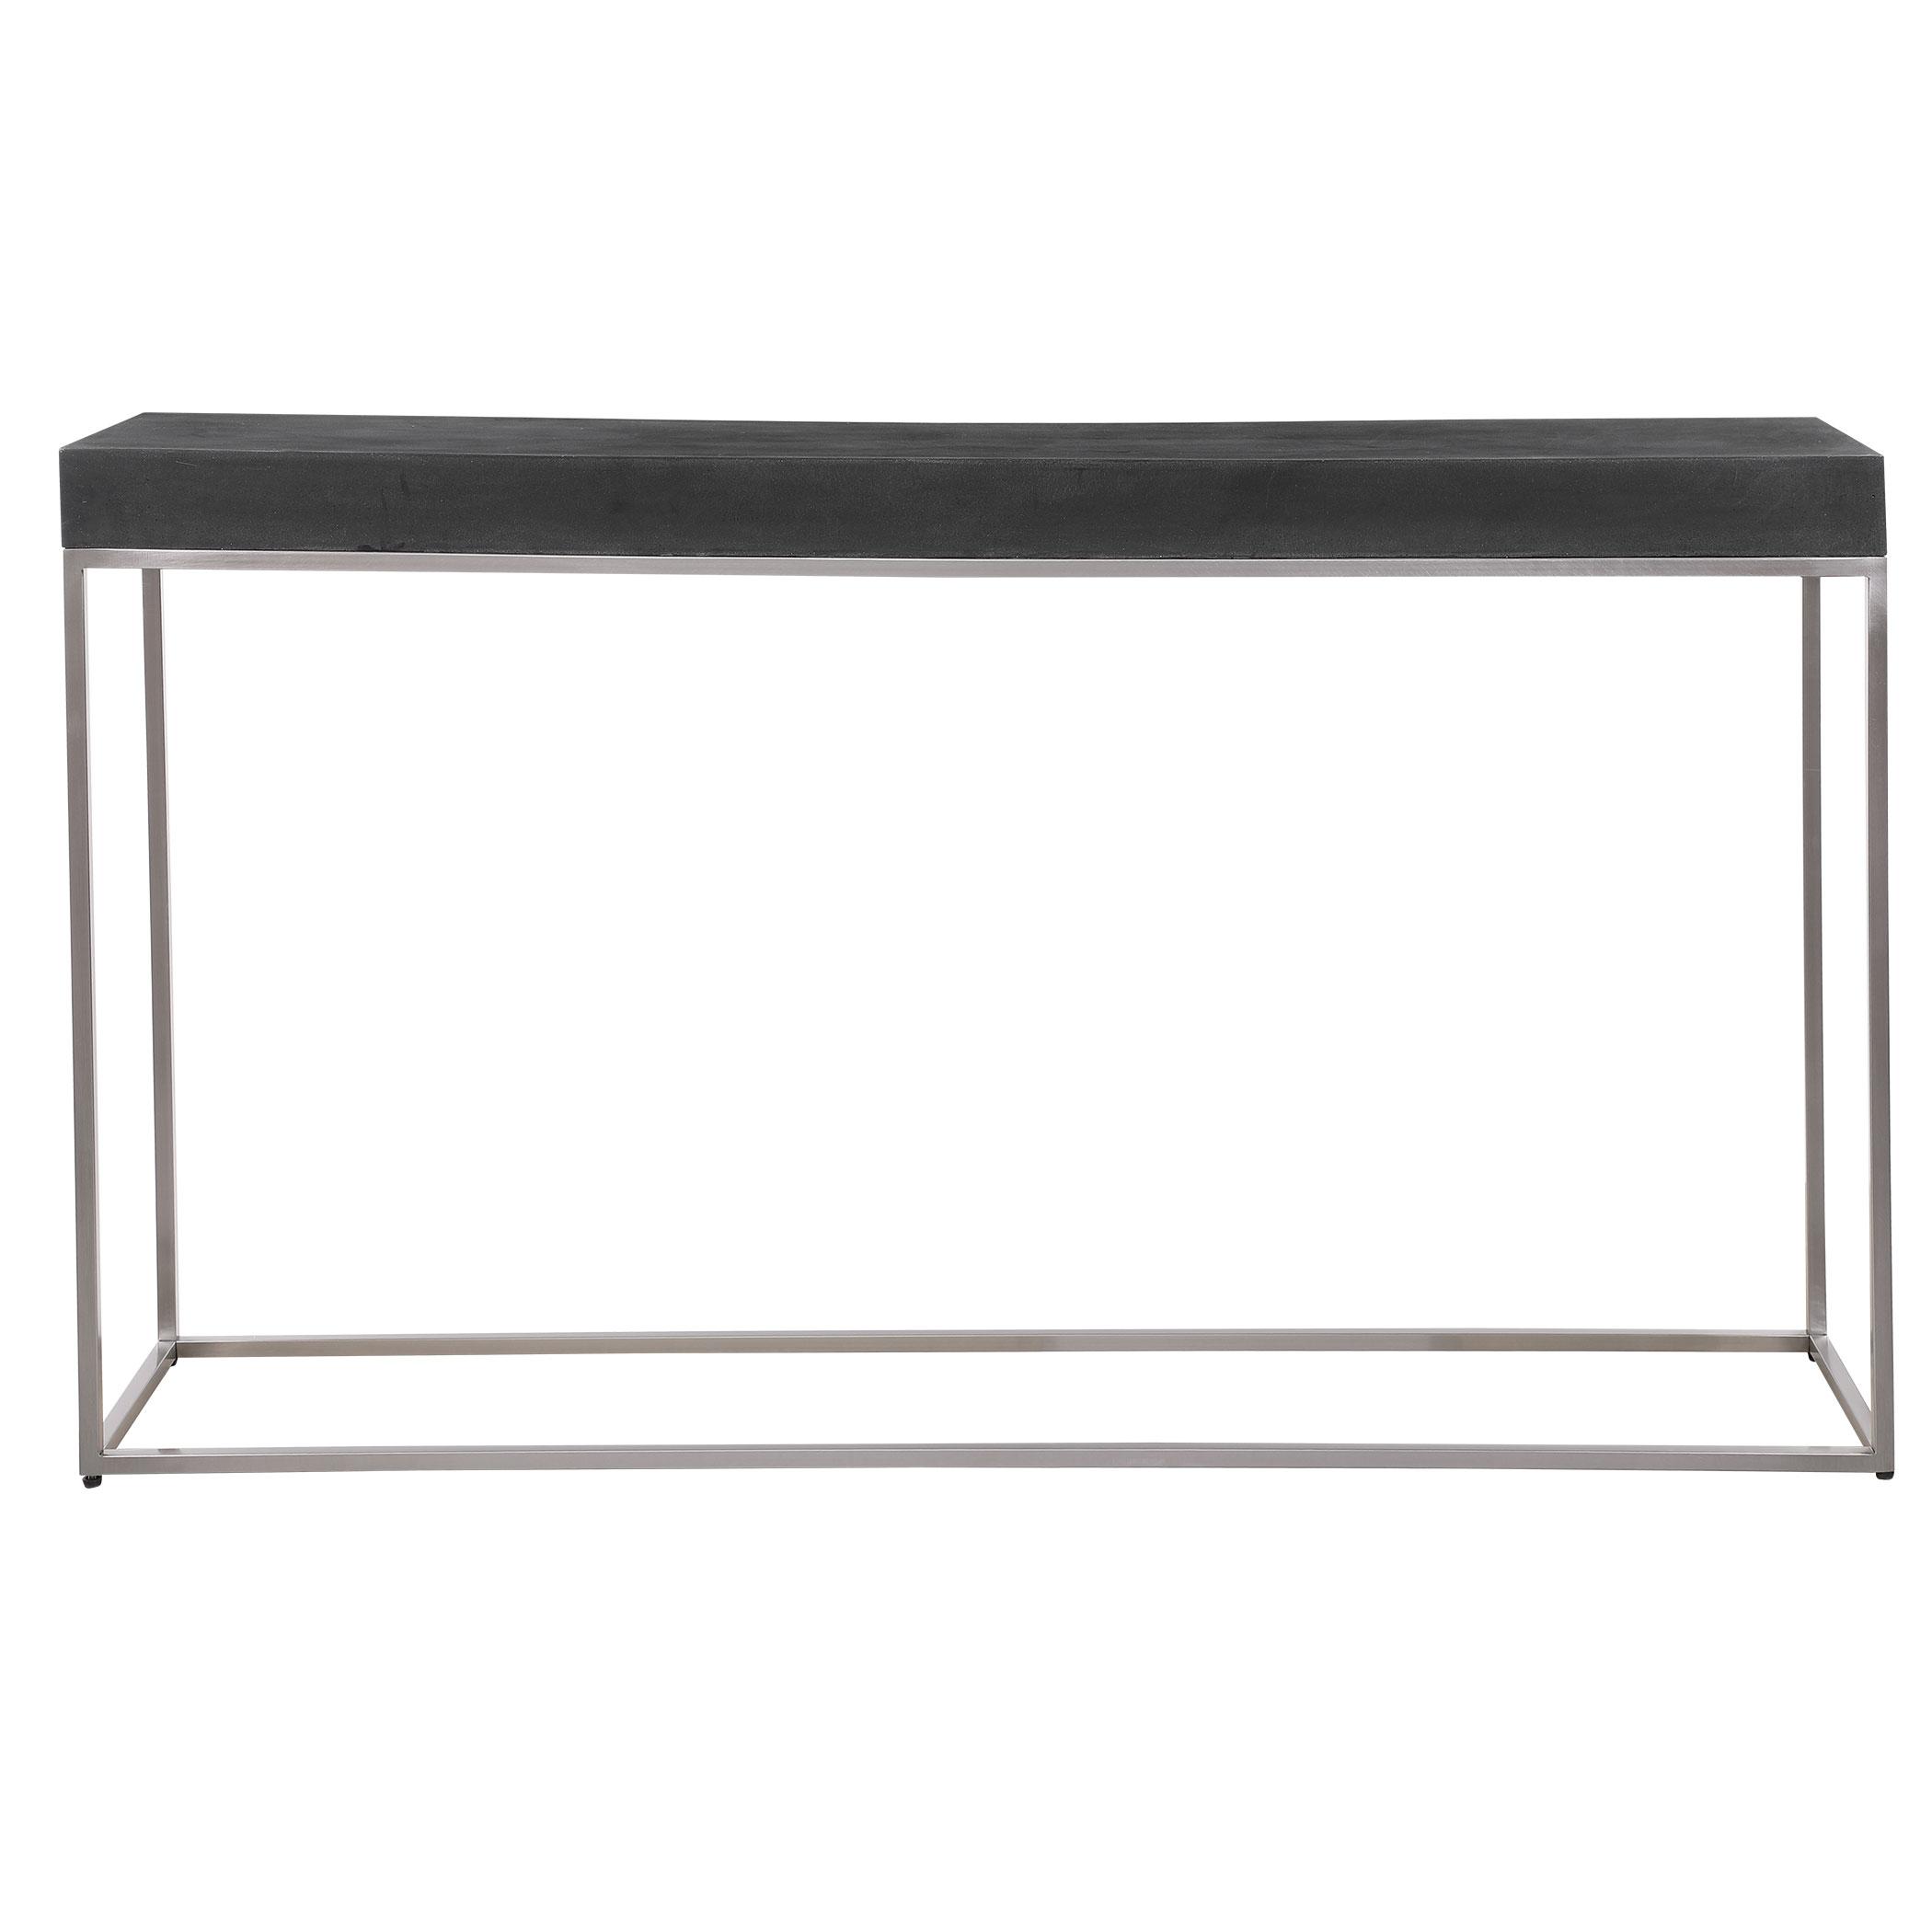 Modern Minimalist Black Concrete Silver Console Table 54 in